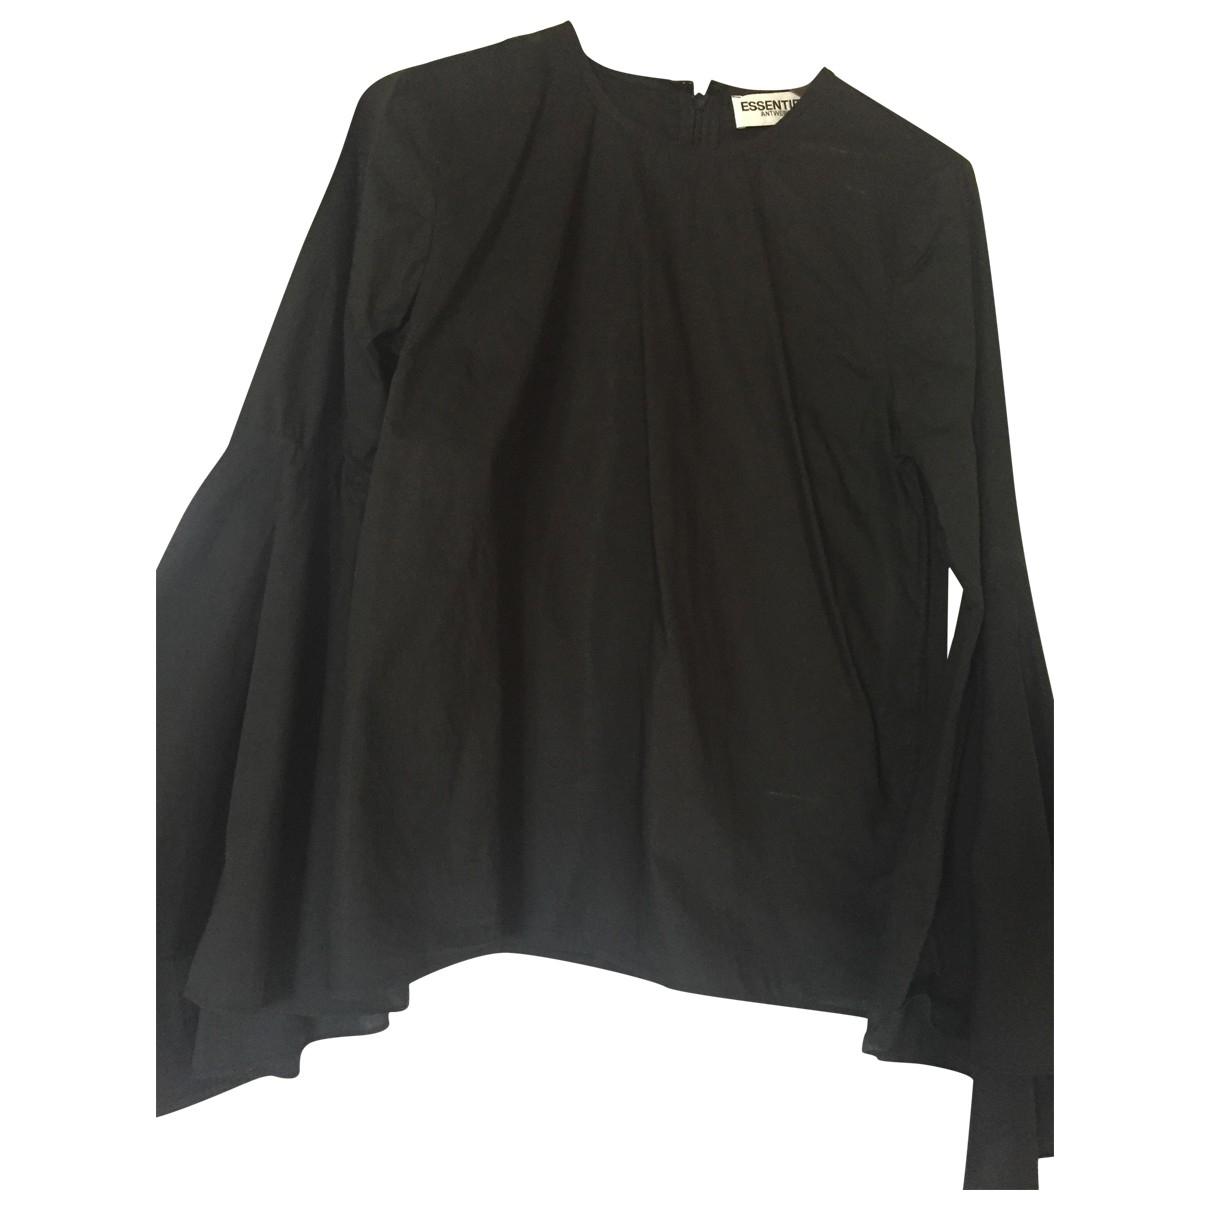 Essentiel Antwerp \N Black Cotton  top for Women 36 FR